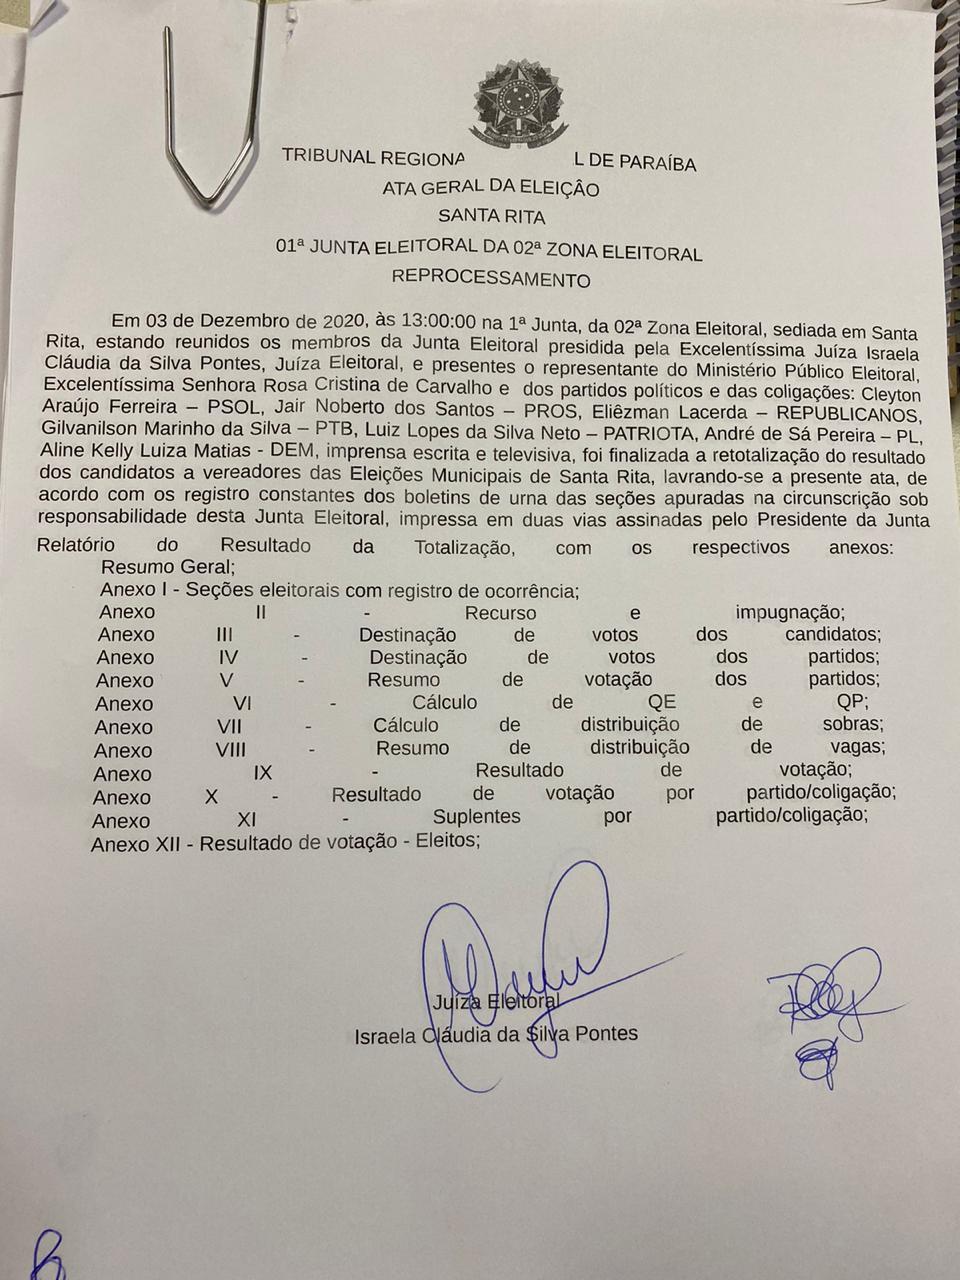 ata 1 - Retotalização de votos em Santa Rita não altera composição da Câmara Municipal nem quadro de suplentes